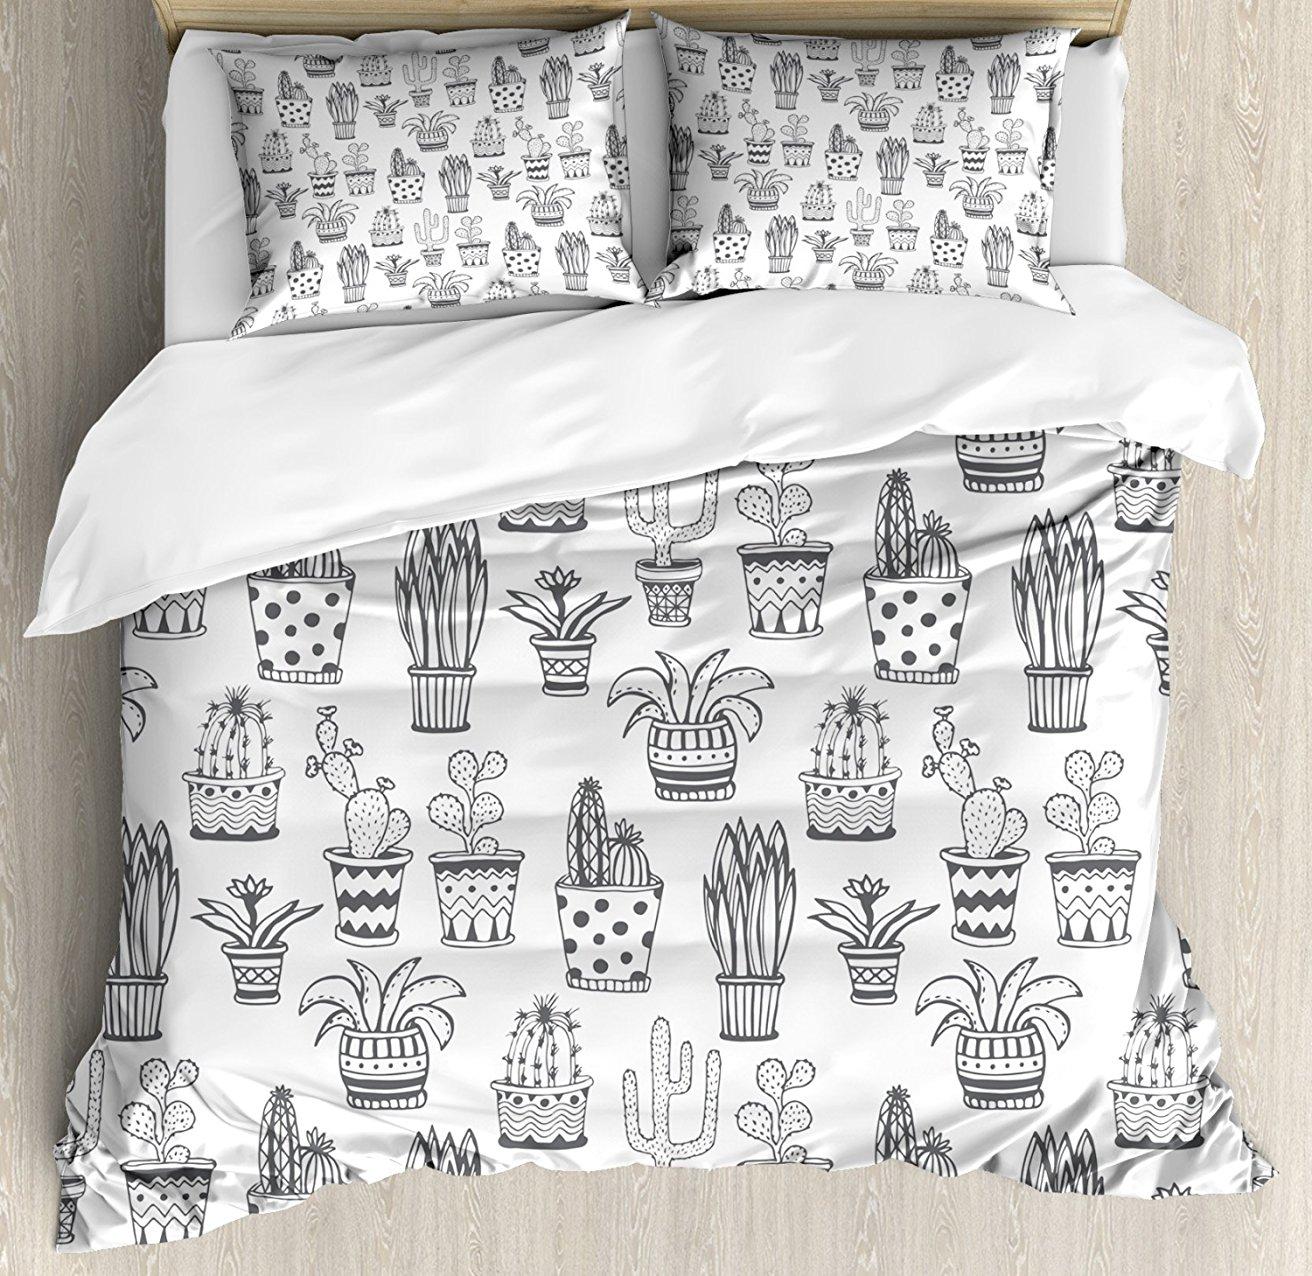 Juego de fundas de edredón, flores con garabatos en macetas con lunares y zigzag plantas tropicales monocromo, juego de ropa de cama de 4 piezas